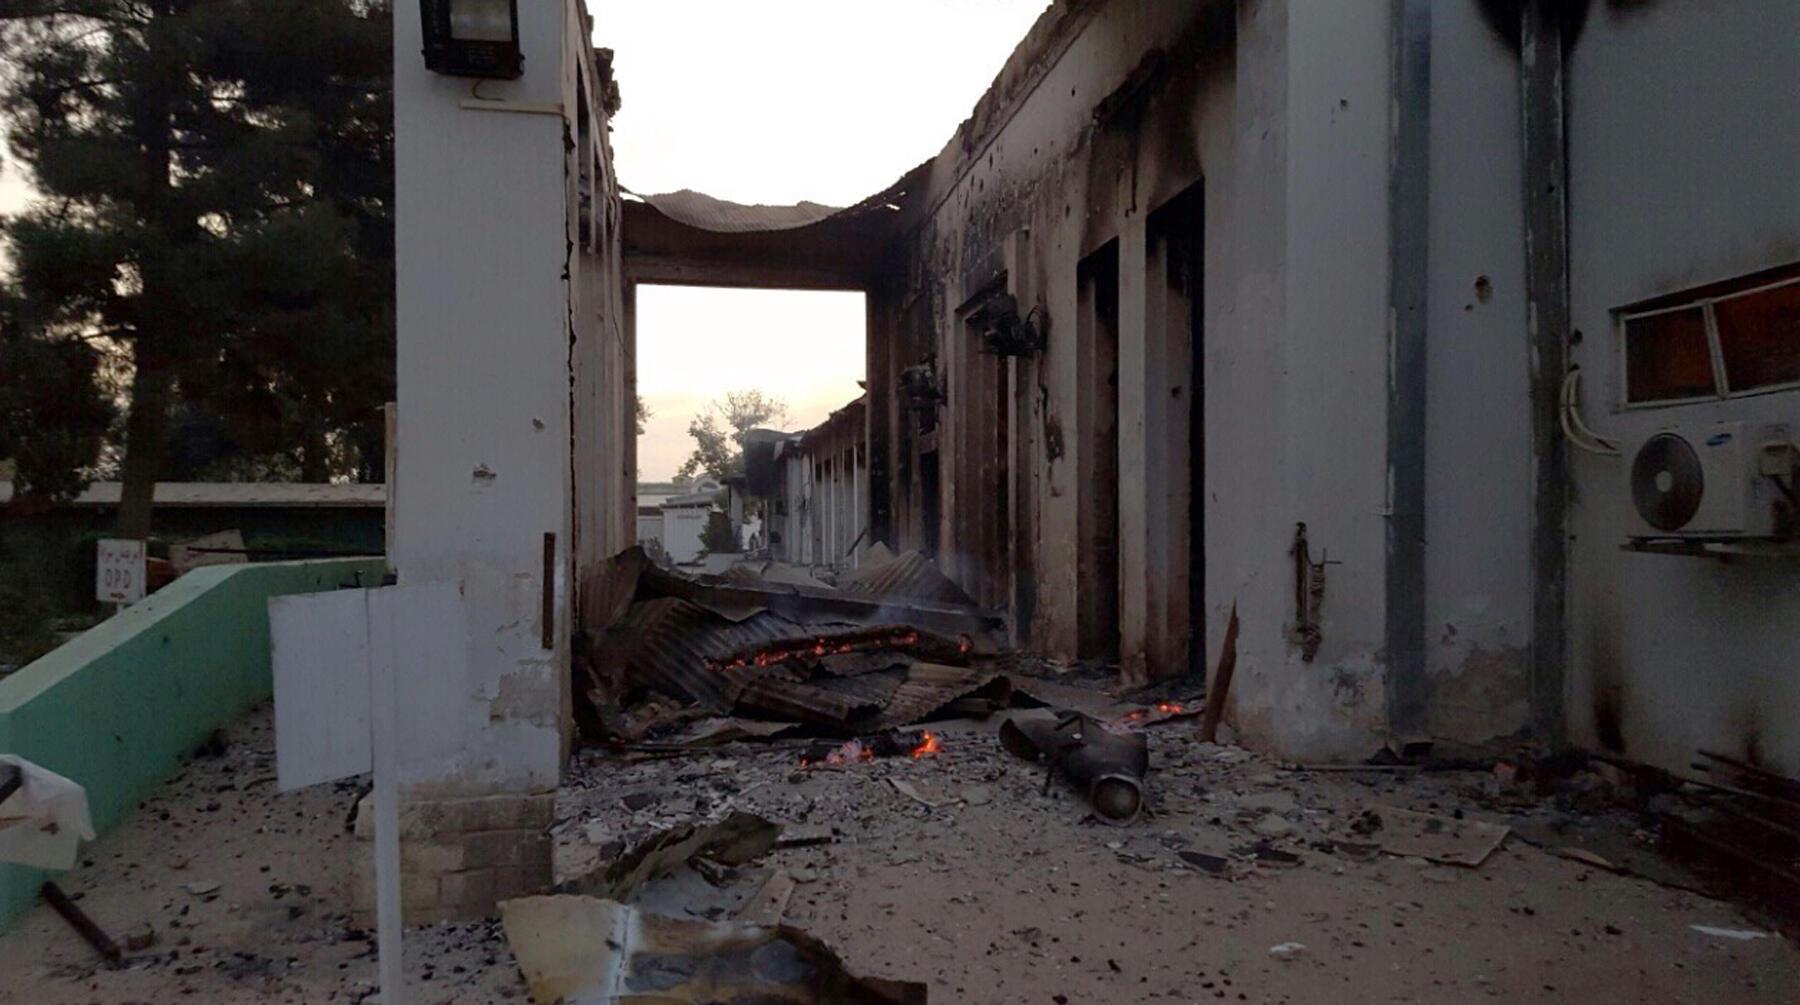 Lúc bị ném bom, tại bệnh viện ở Kunduz có 105 bệnh nhân và 80 nhân viên MSF.